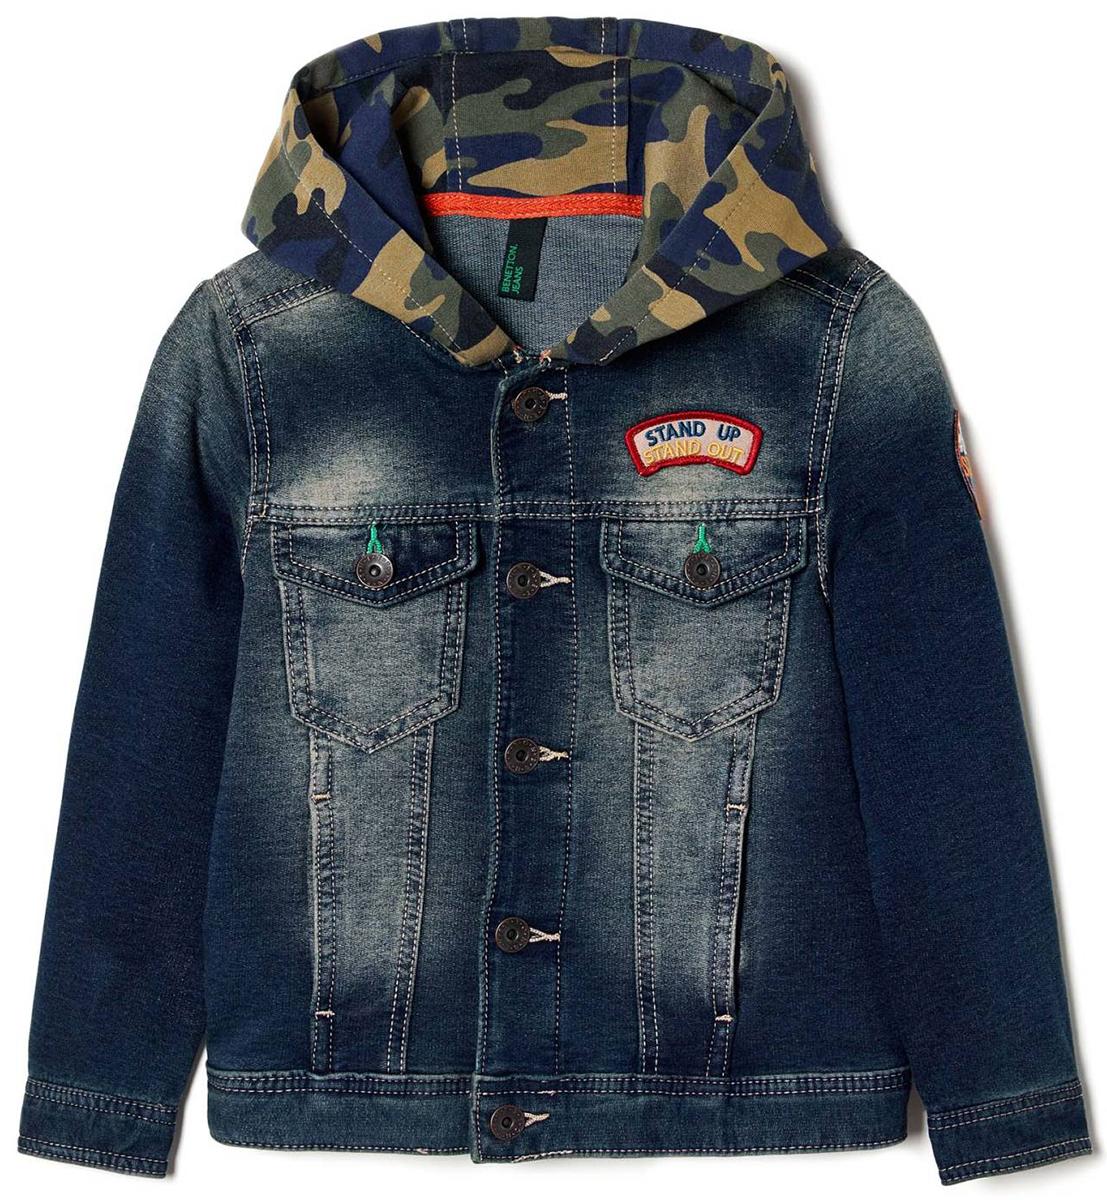 Куртка для мальчиков United Colors of Benetton, цвет: синий. 2BAY539Y0_901. Размер 1402BAY539Y0_901Куртка для мальчика United Colors of Benetton выполнена из хлопка и полиэстера. Модель с капюшоном и длинными рукавами застегивается на металлические пуговицы.